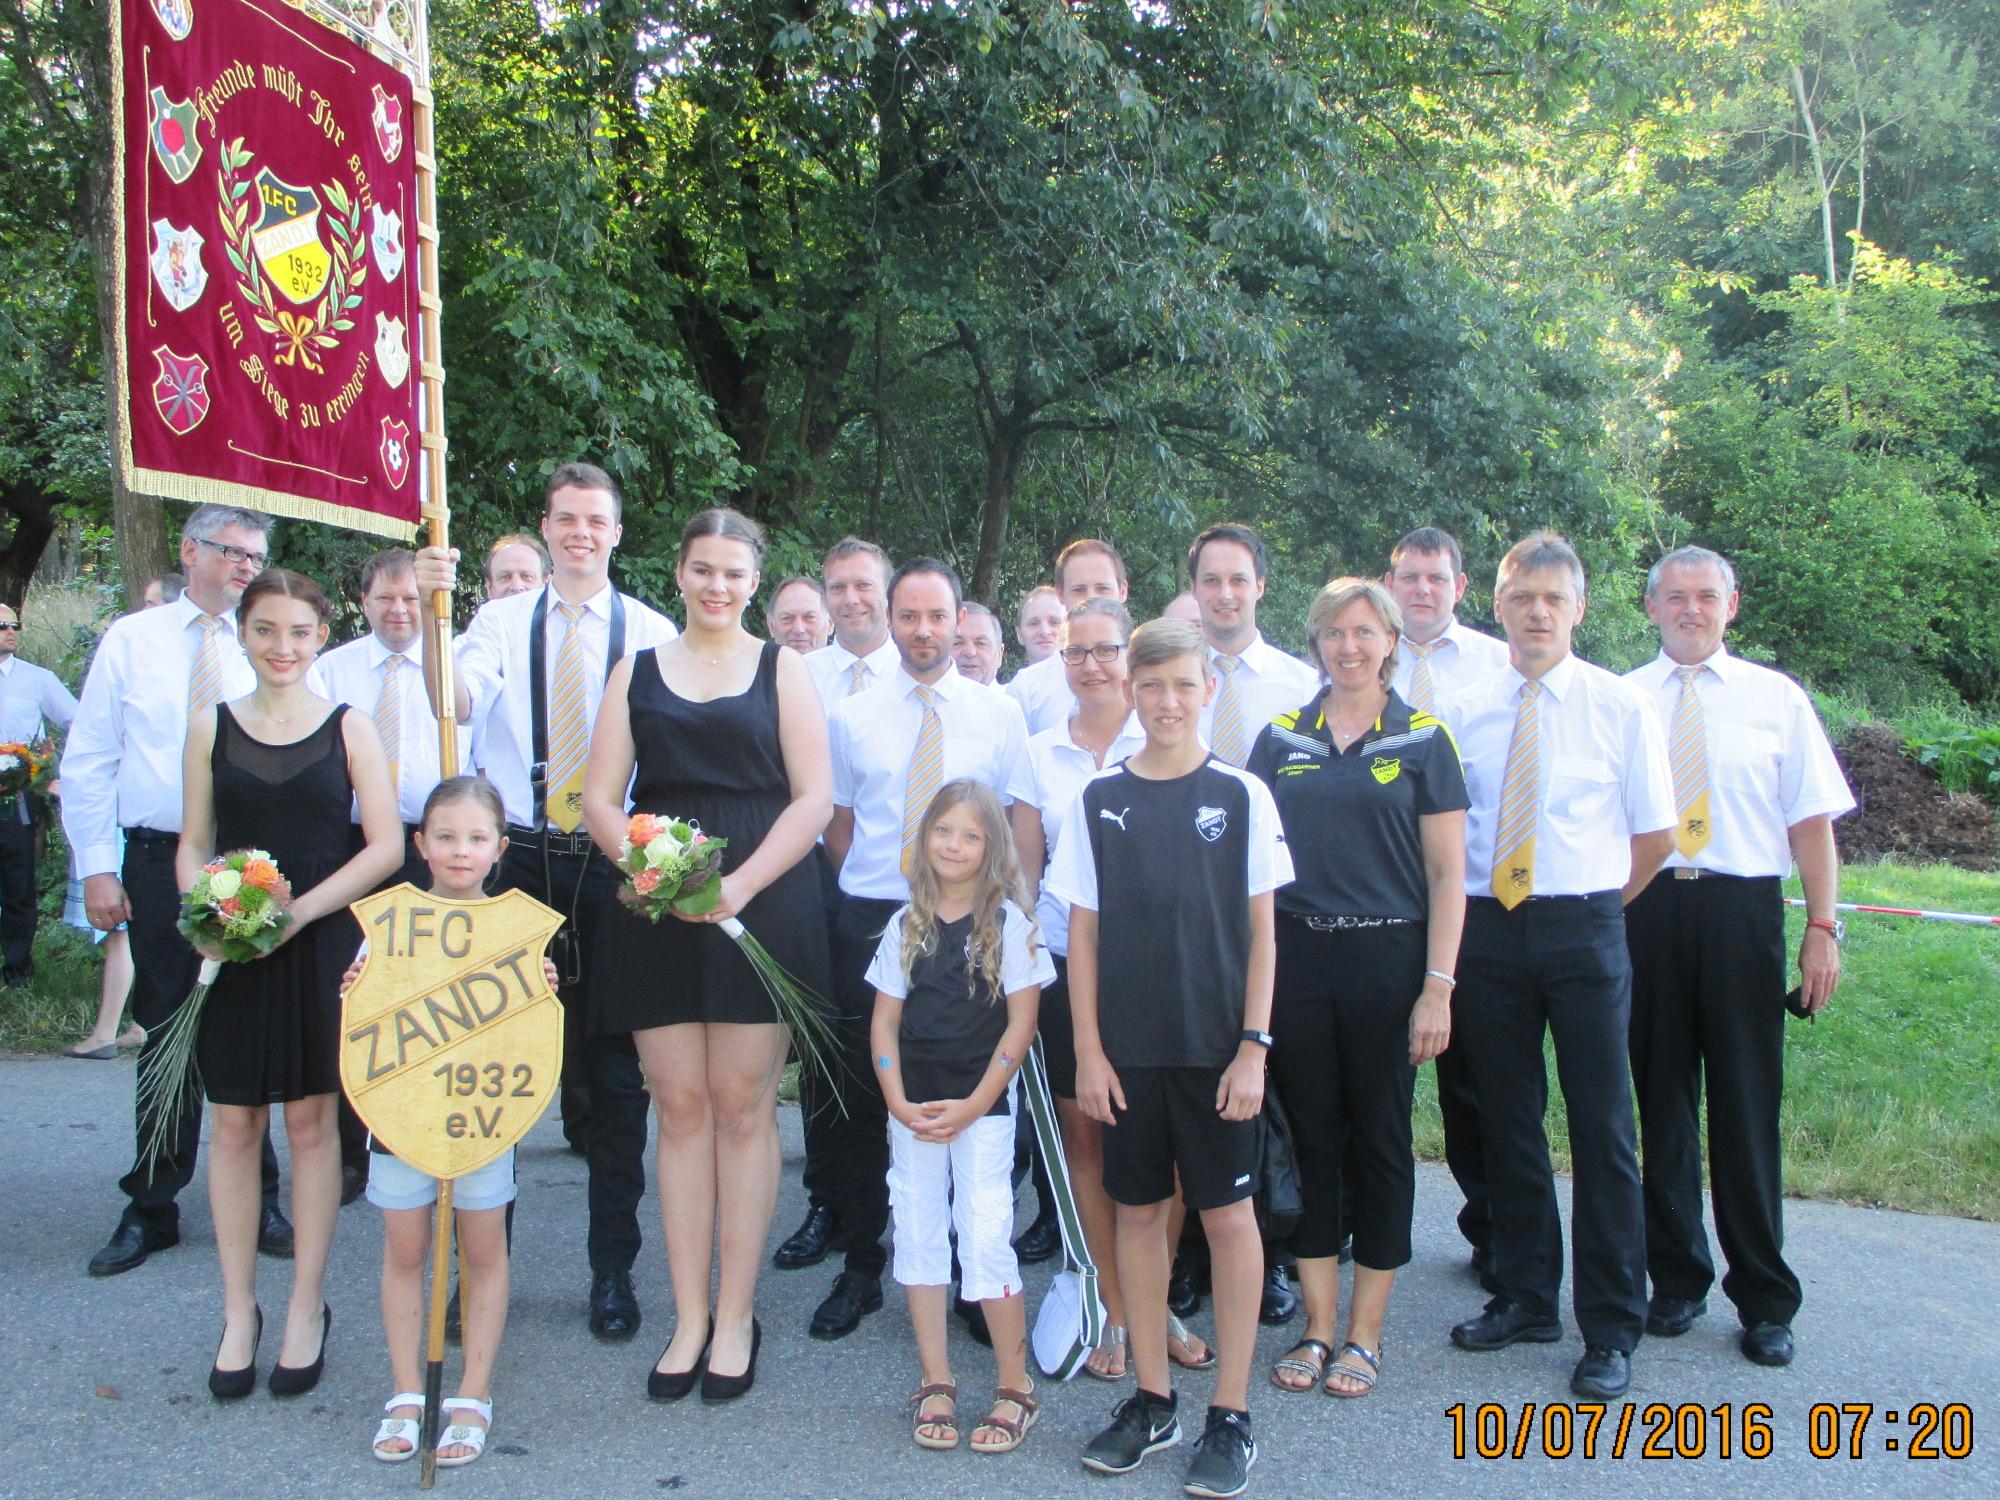 Am Sonntag, den 10.07.2016 besuchte der FC Zandt das 50-jährige Jubiläum der DJK Rattenberg